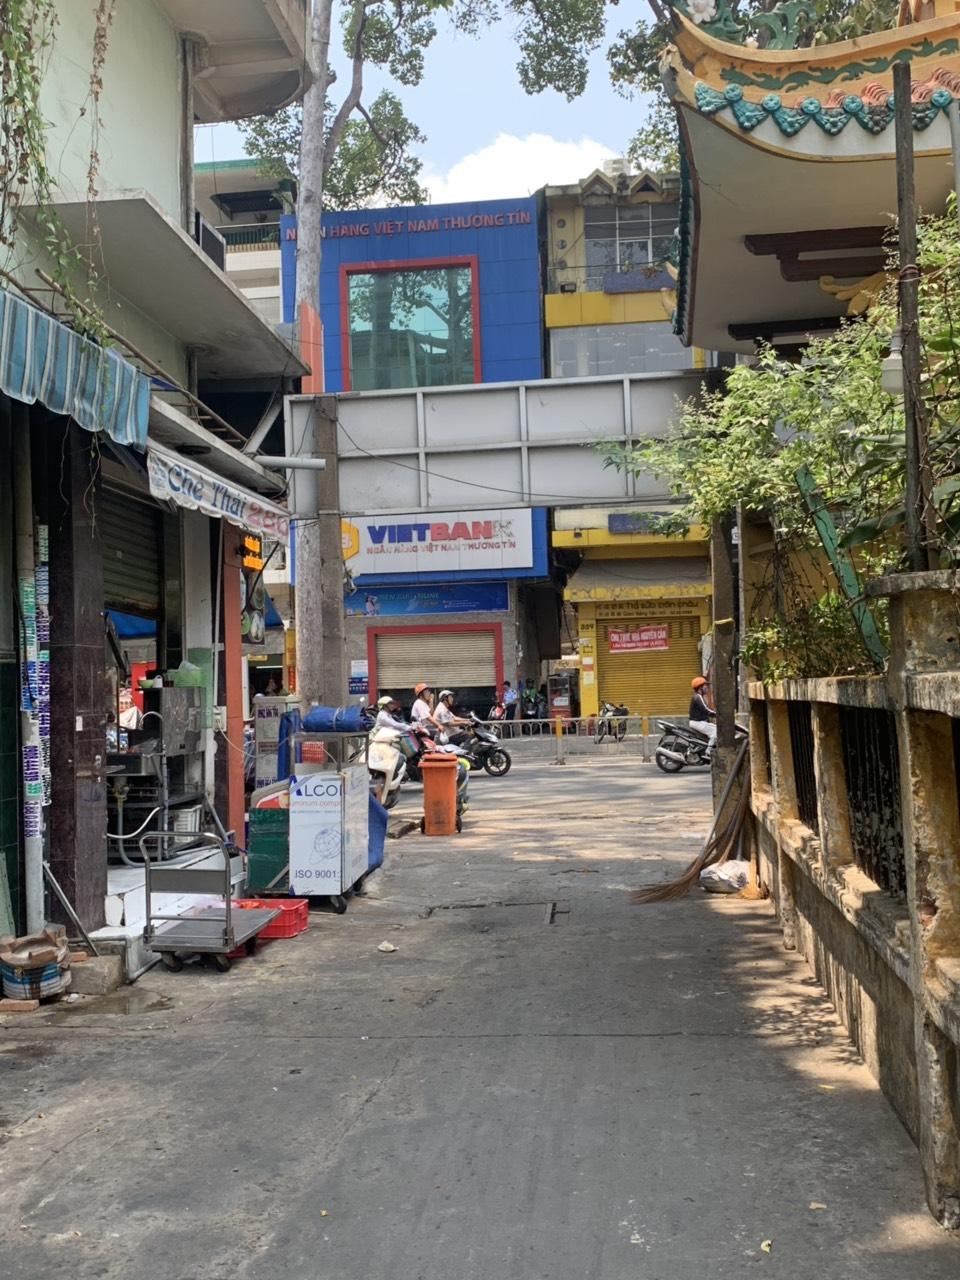 Bán nhà hẻm 282A Nguyễn Tri Phương phường 4 Quận 10 giá dưới 5 tỷ